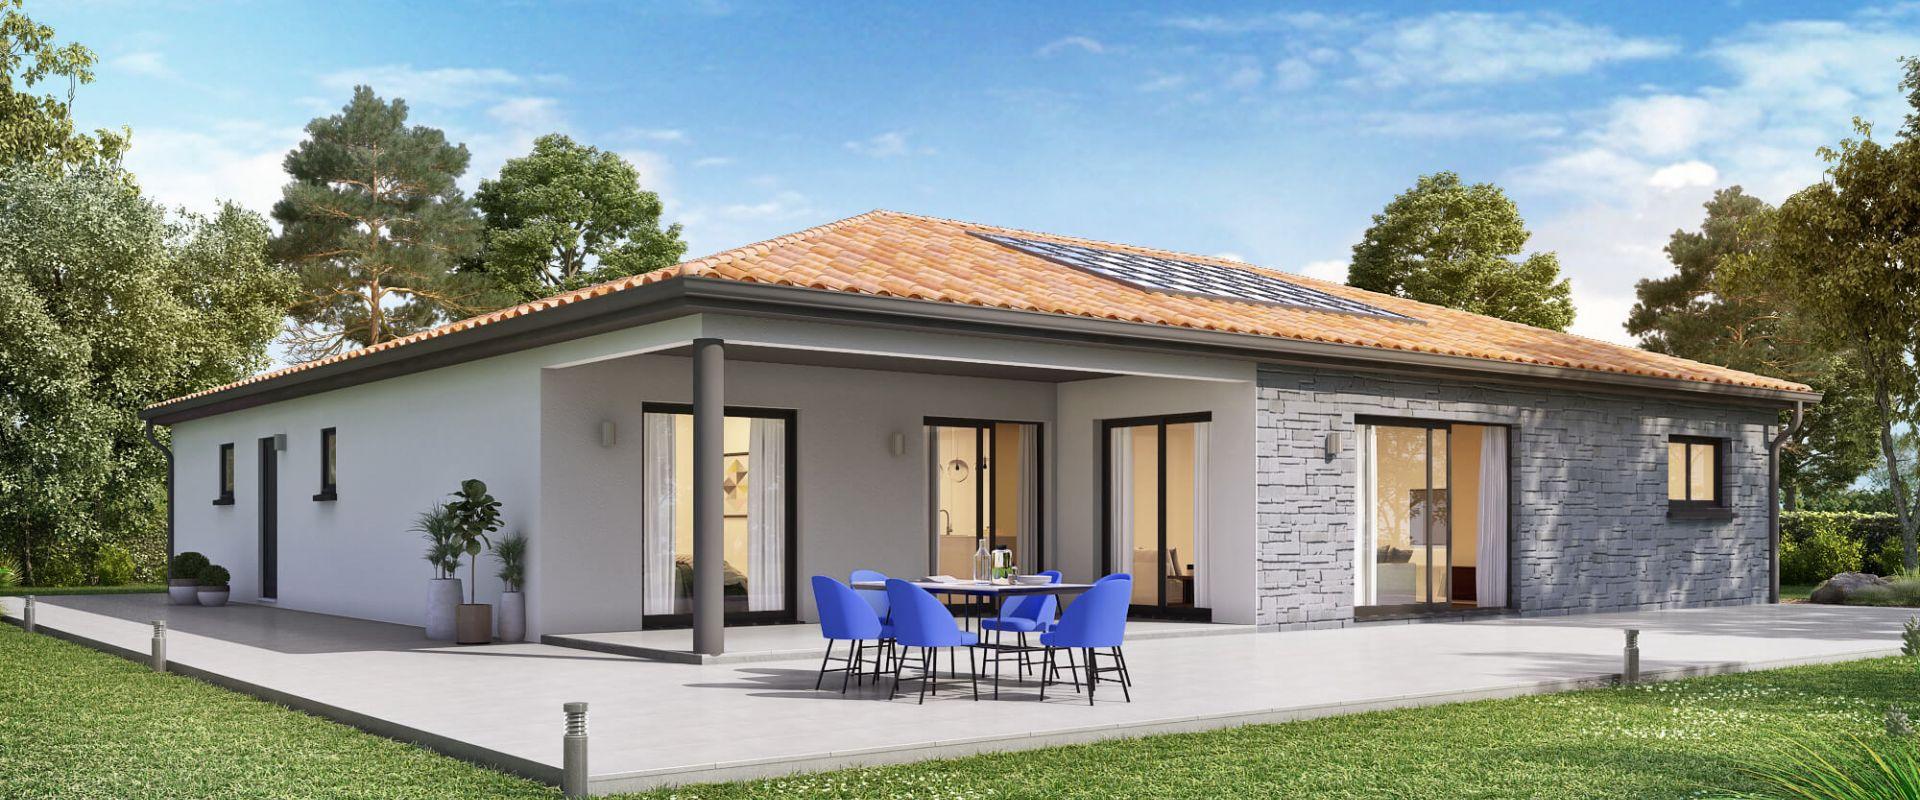 Maisons + Terrains du constructeur MAISONS OLMIERE • 130 m² • ALBI